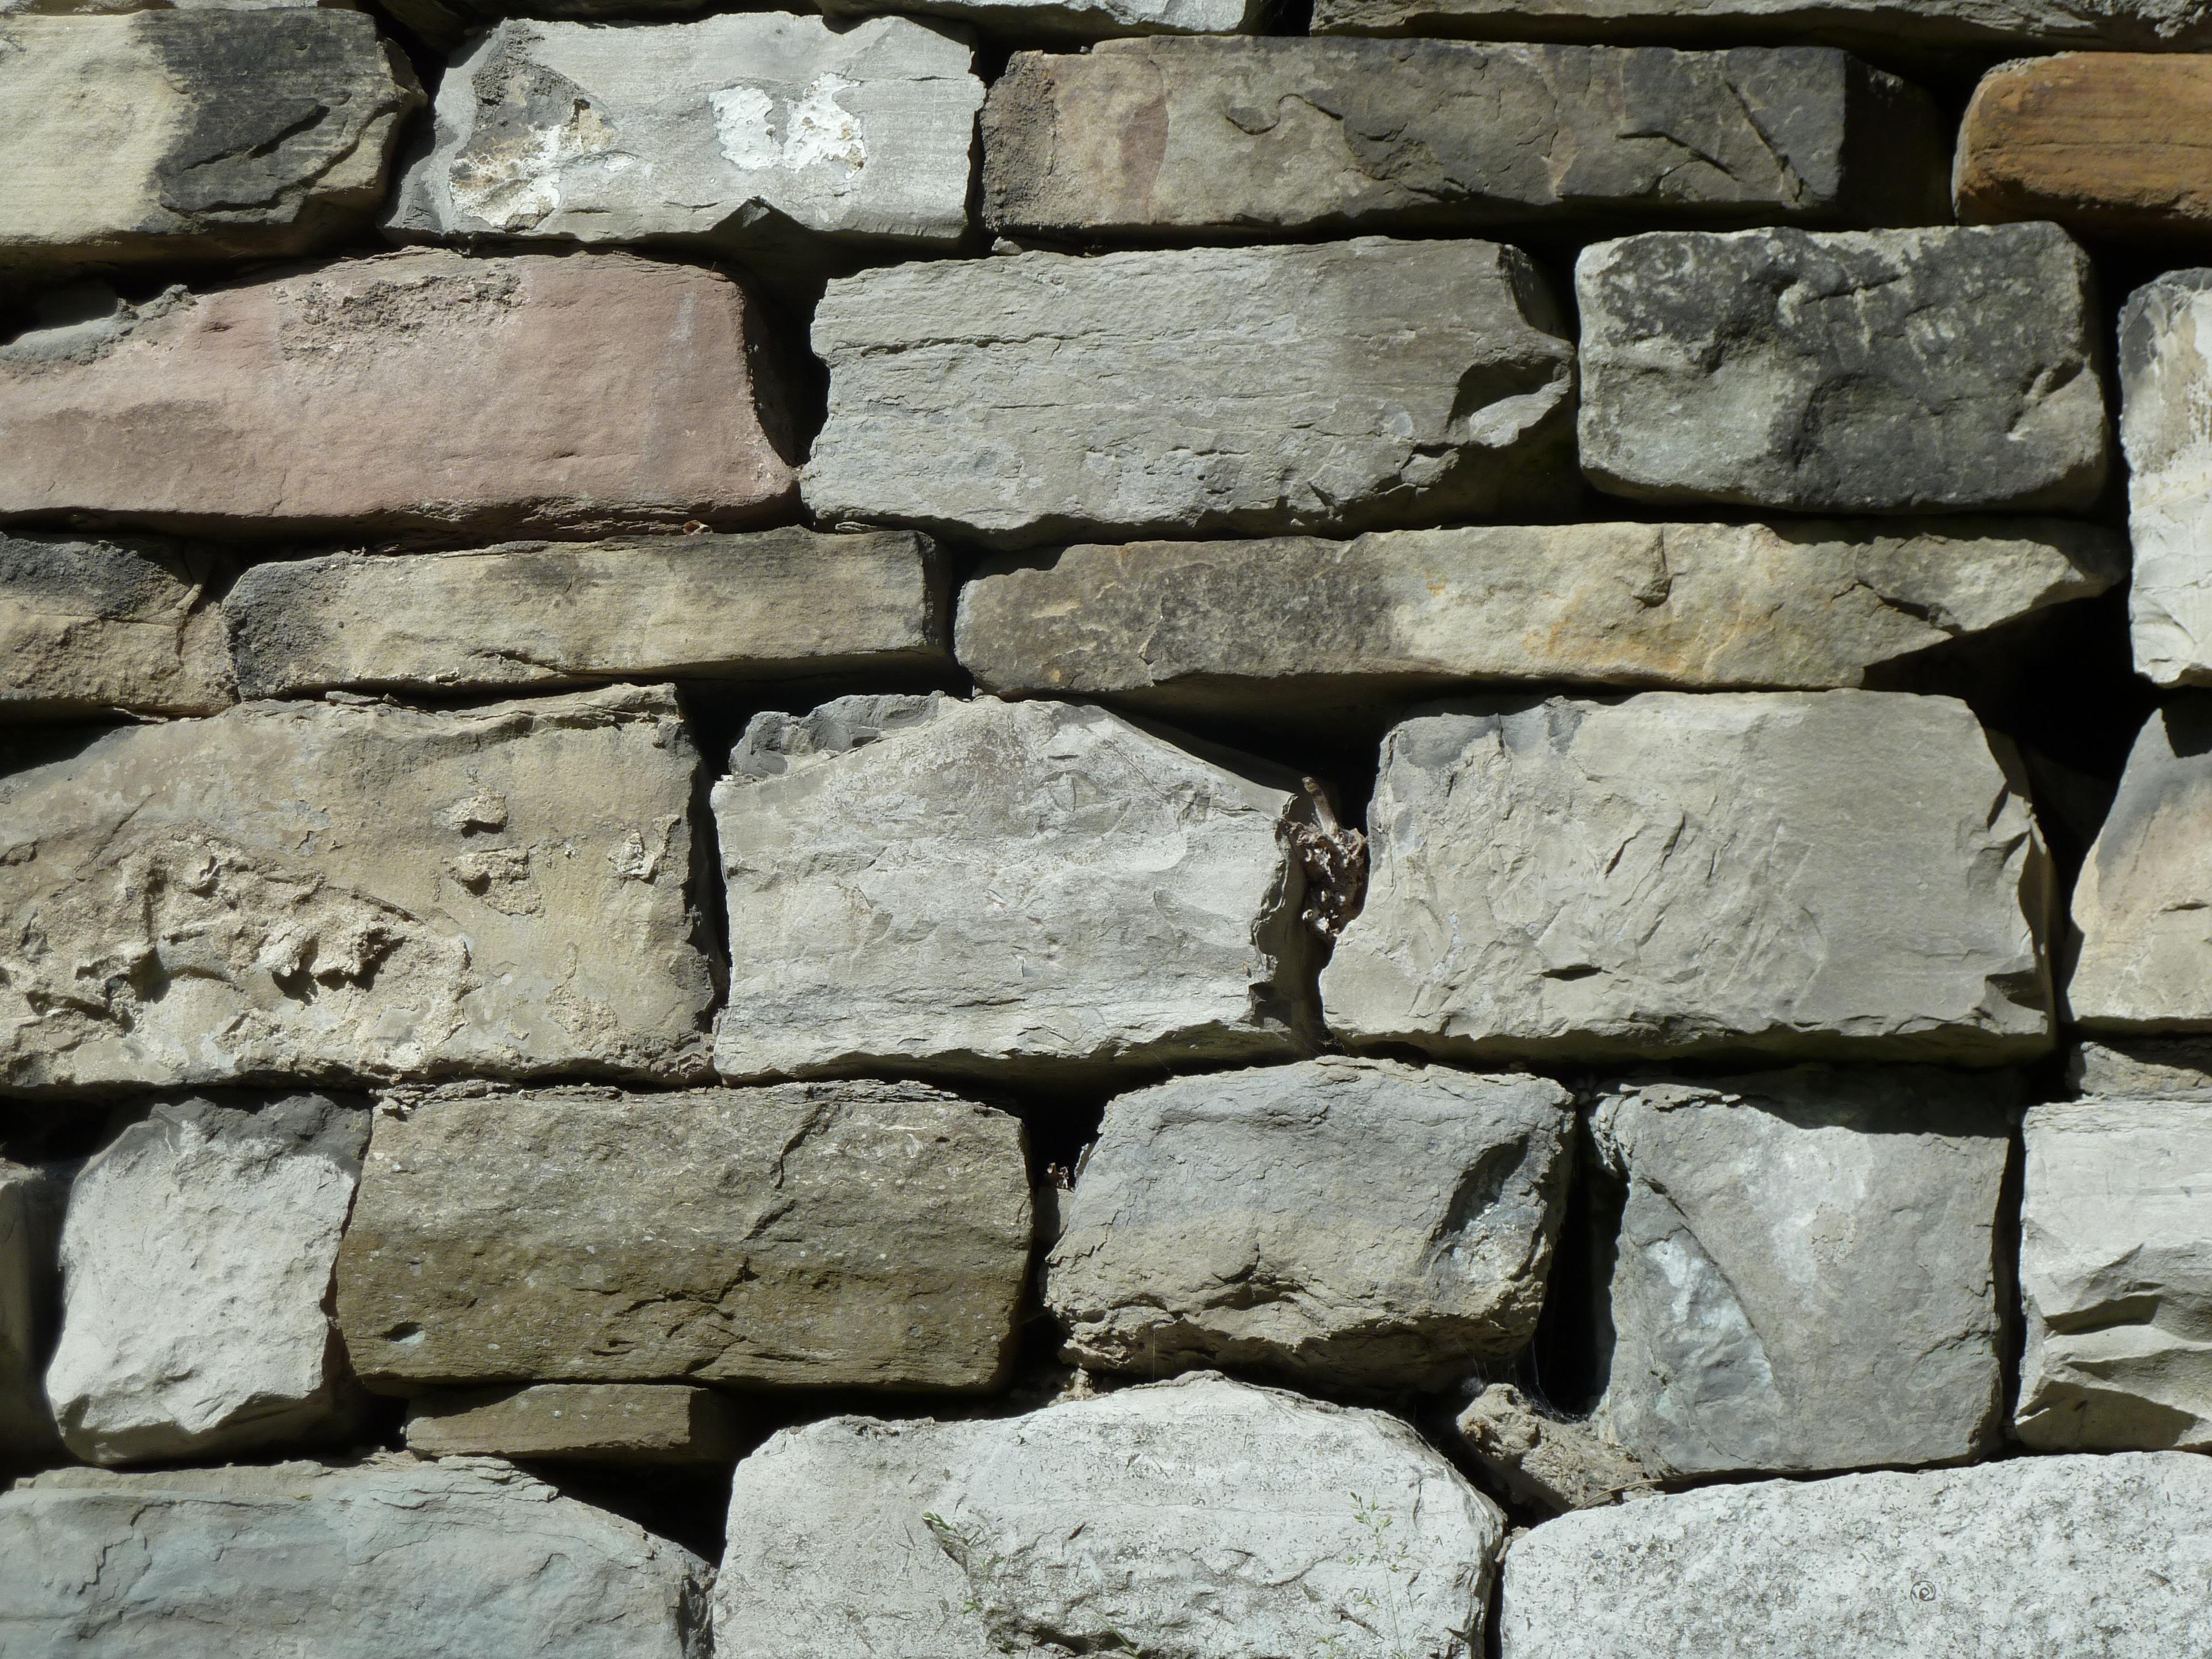 rock estructura textura piso guijarro pared piedra patrn spero exterior pared de piedra ladrillo material superficie